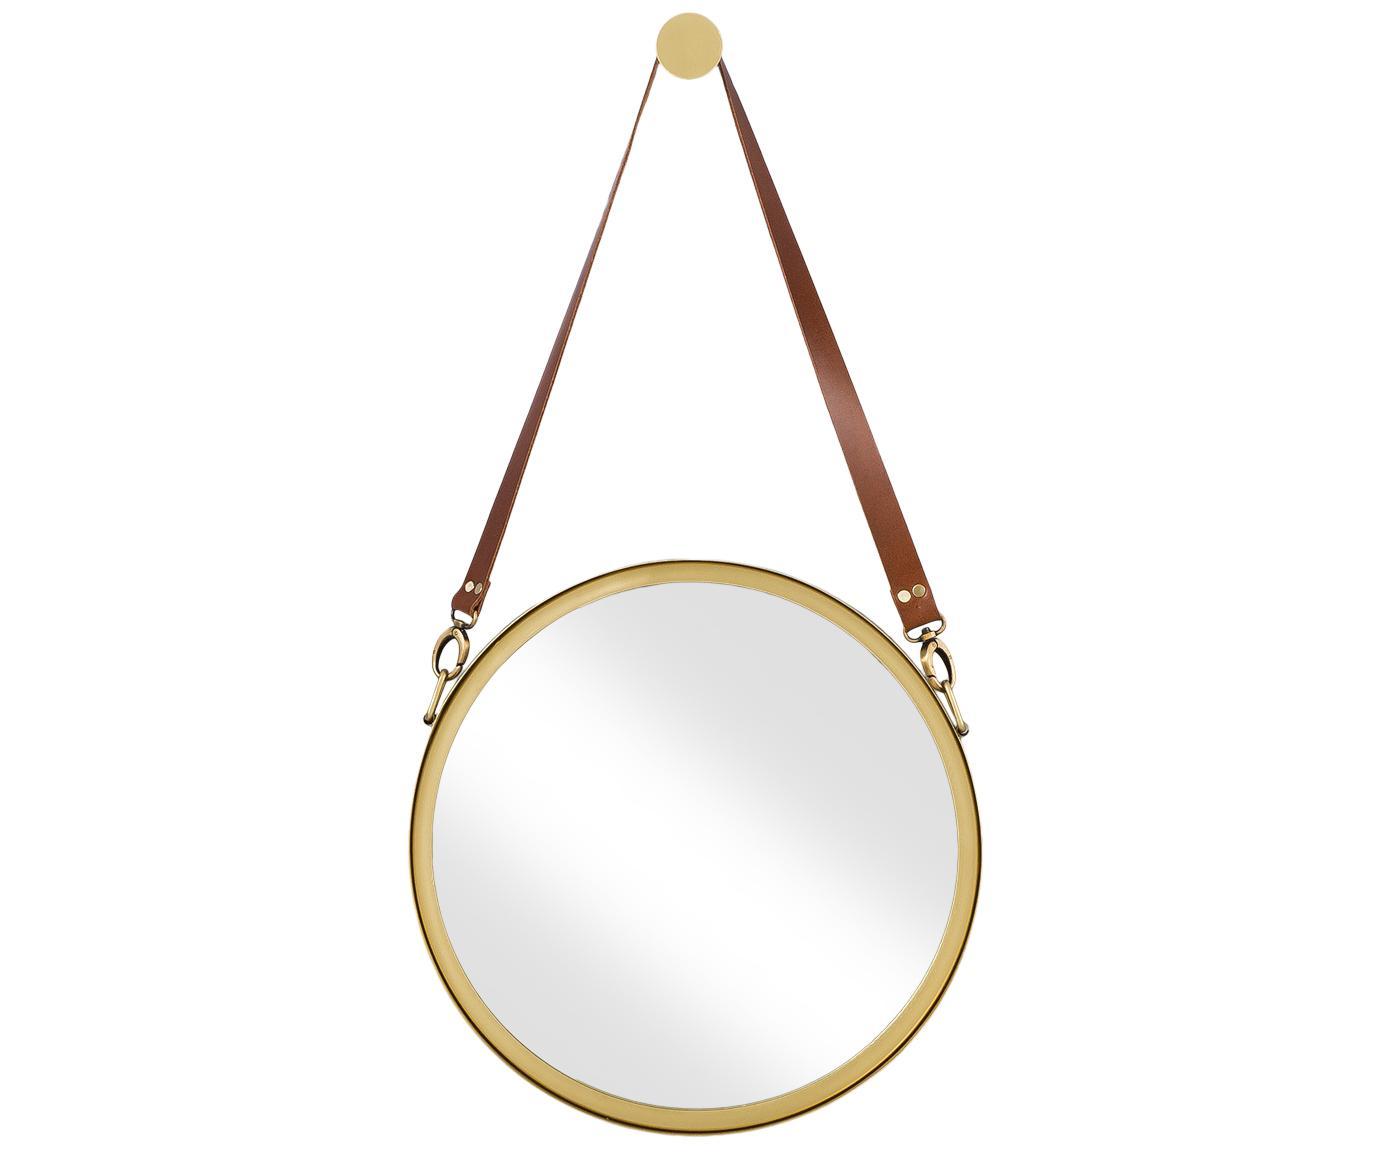 Okrągłe lustro ścienne ze skórzaną pętlą Liz, Złoty, Ø 40 cm